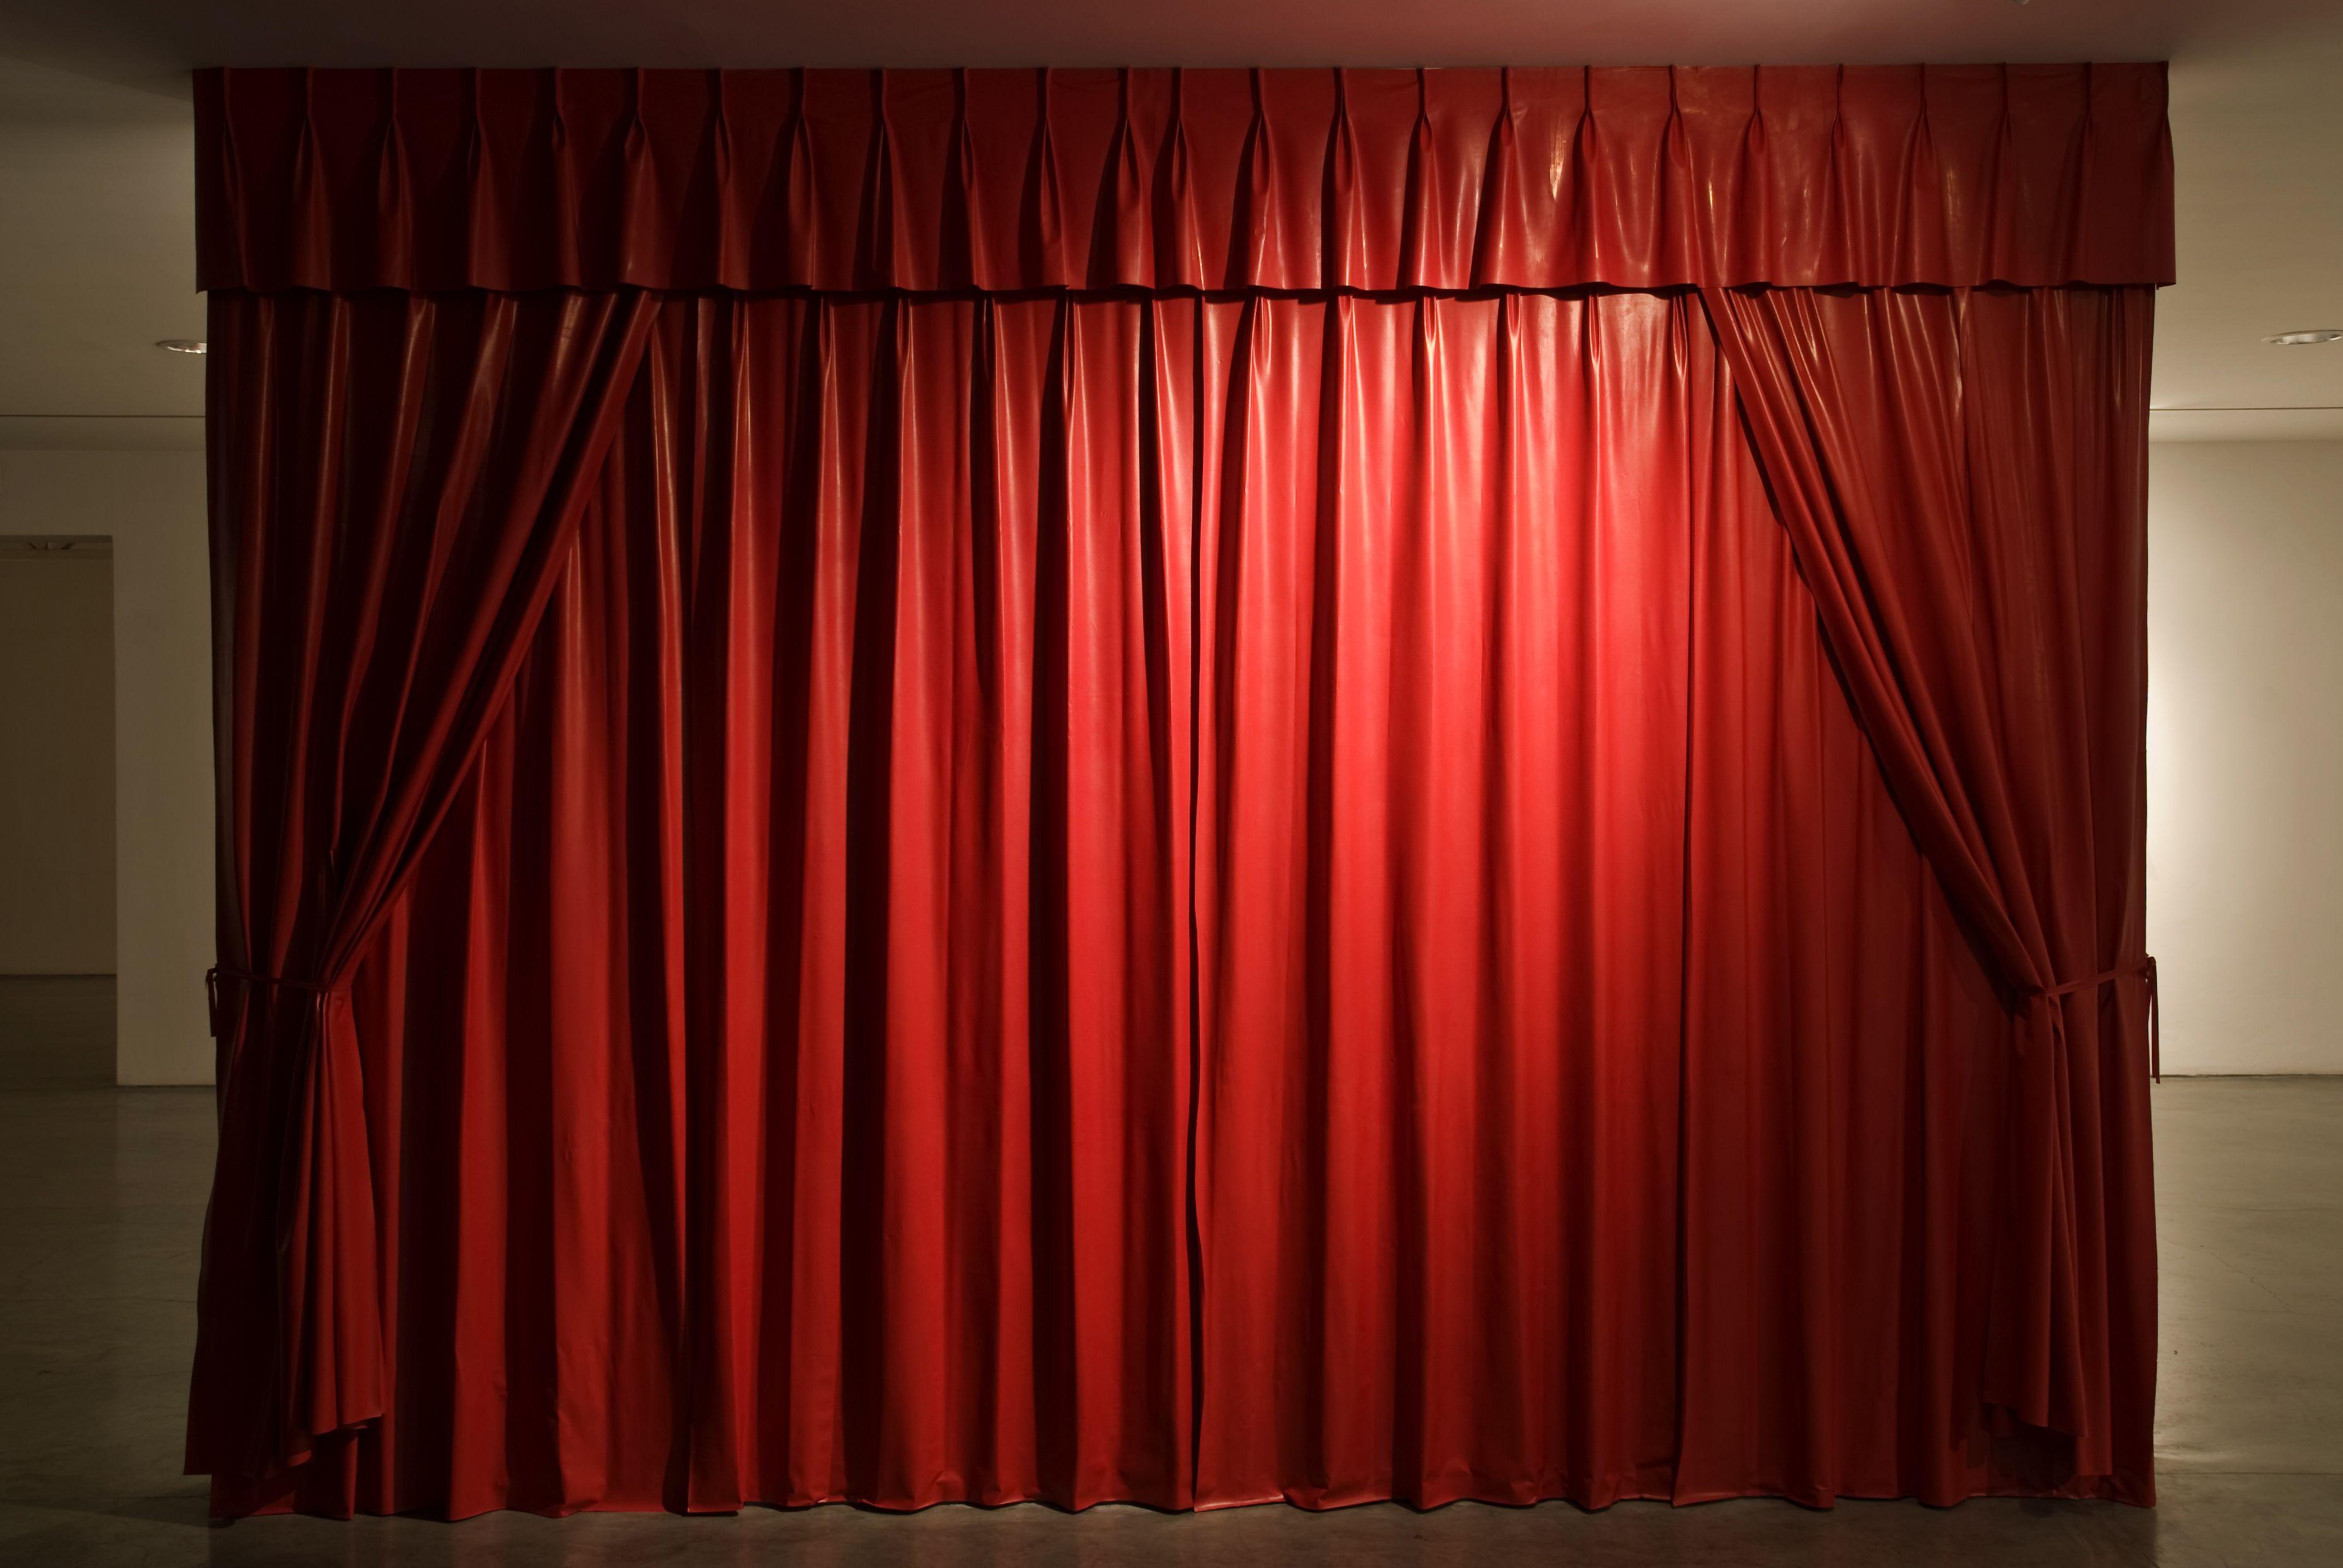 Cortinas rojas para hotel locaci n escogida pinterest - Cortinas para escenarios ...